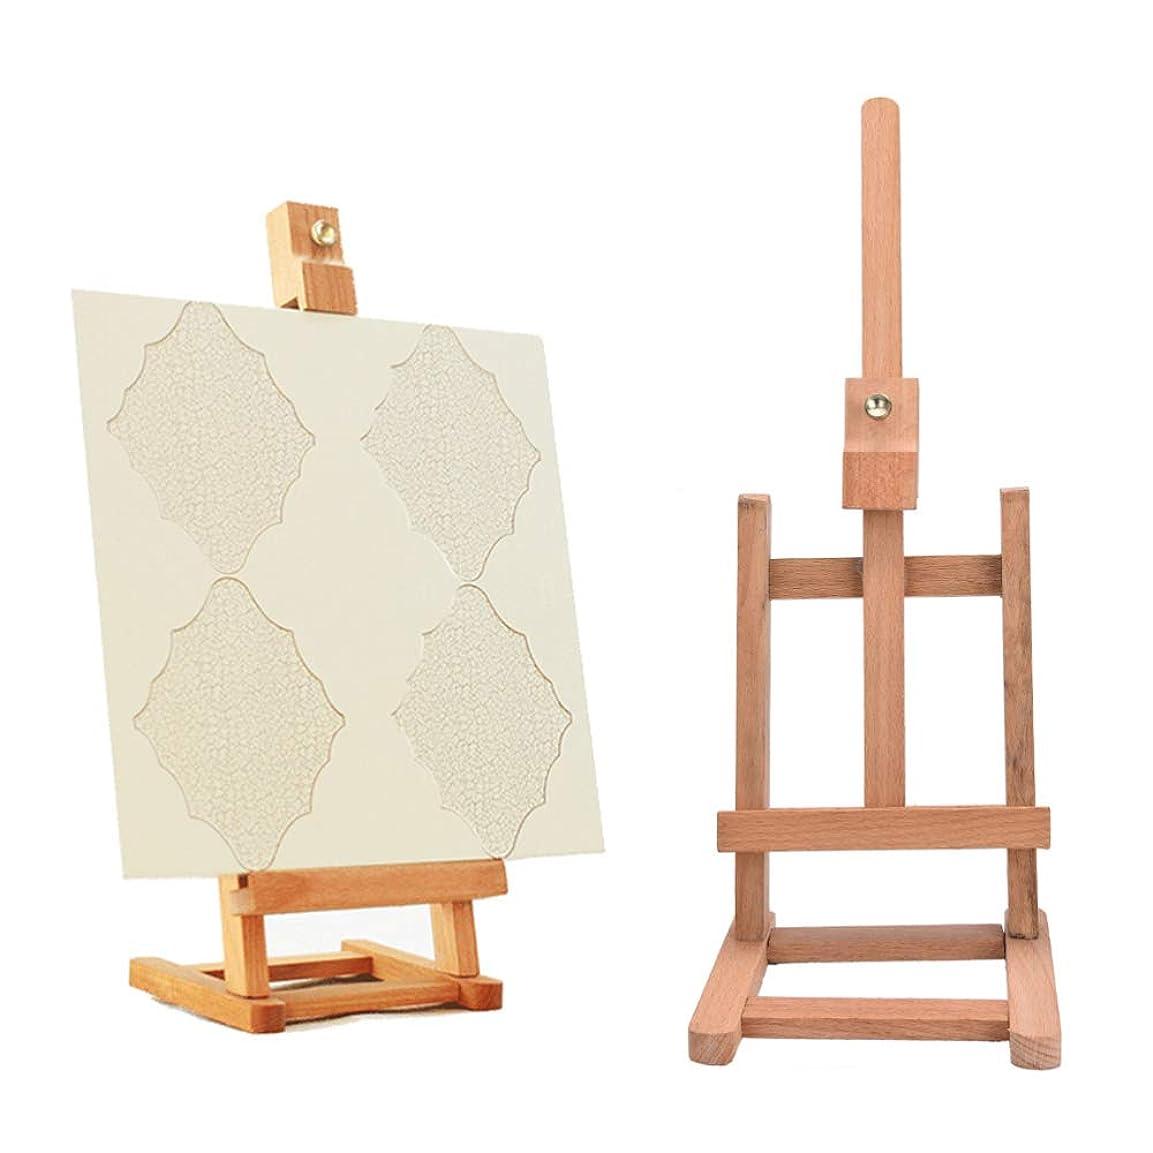 クラウンクラフト狂乱WANGSENO アーティストのためのスケッチイーゼル絵画折りたたみ式絵画イーゼル木製スケッチフレーム